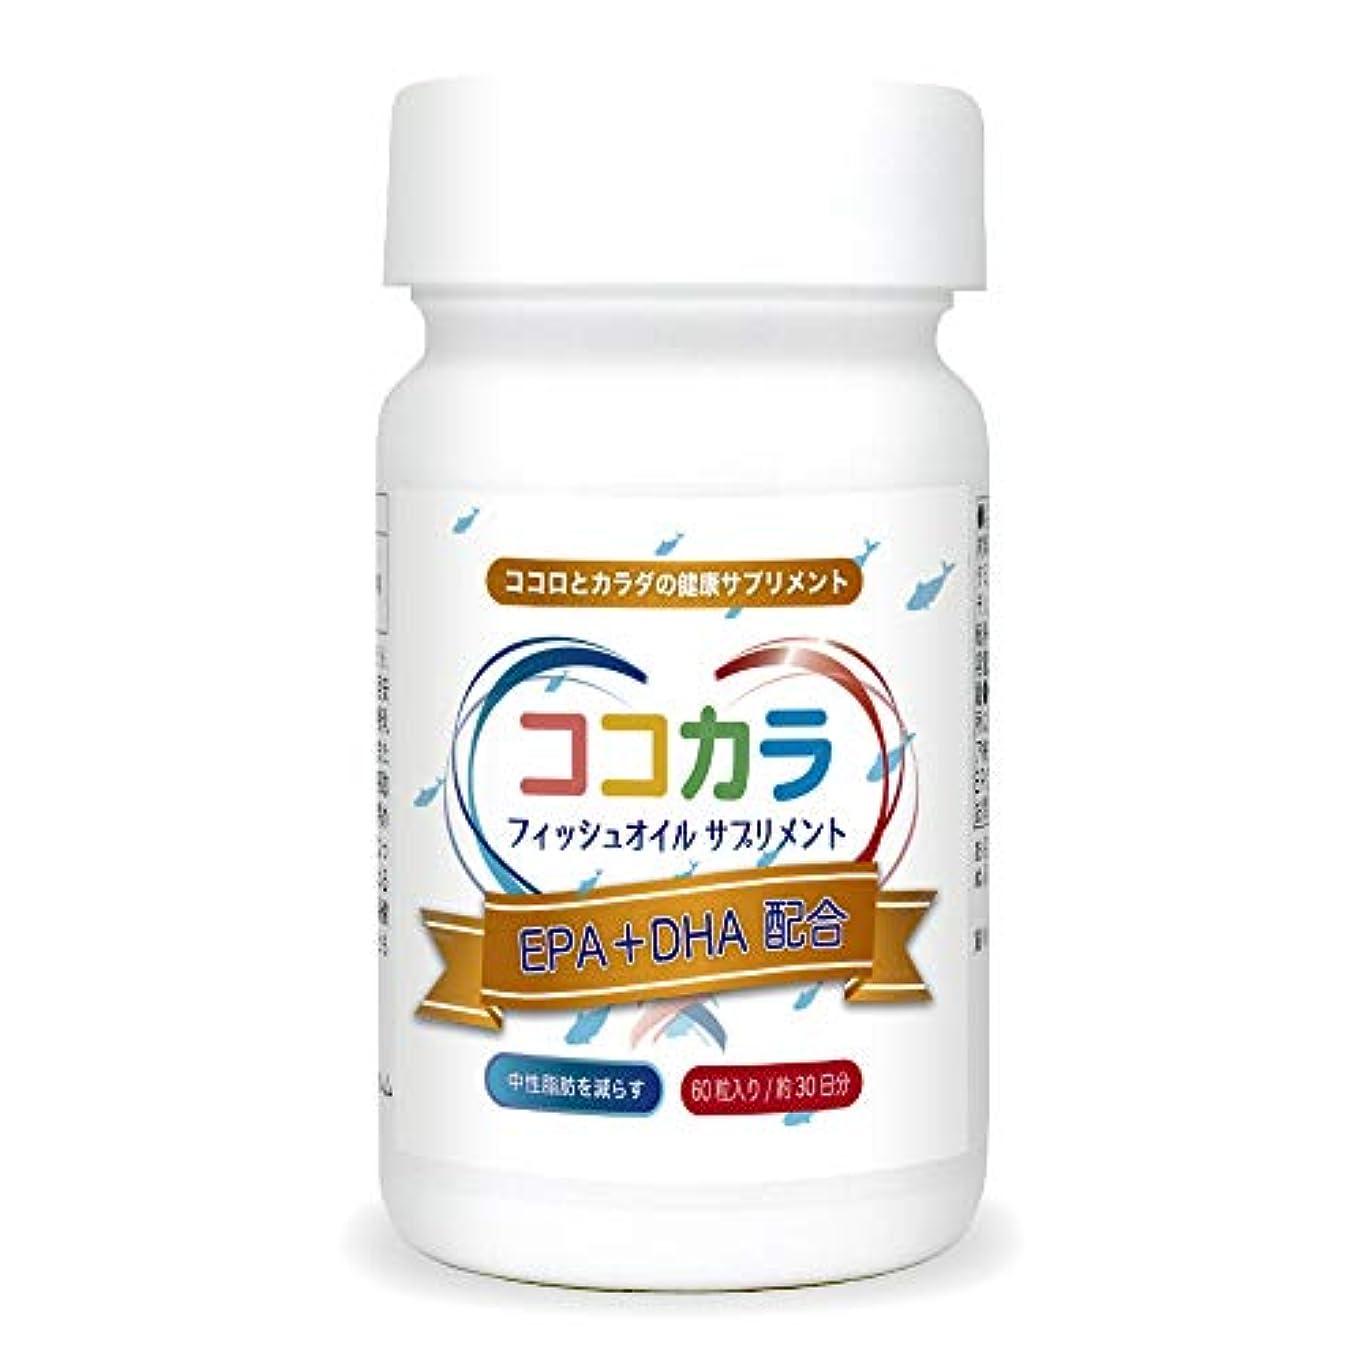 縮約特異な翻訳するEPA&DHA配合 ココカラサプリ バイオメガ3 フィッシュオイル 中性脂肪対策(60カプセル1ヶ月分) (1)